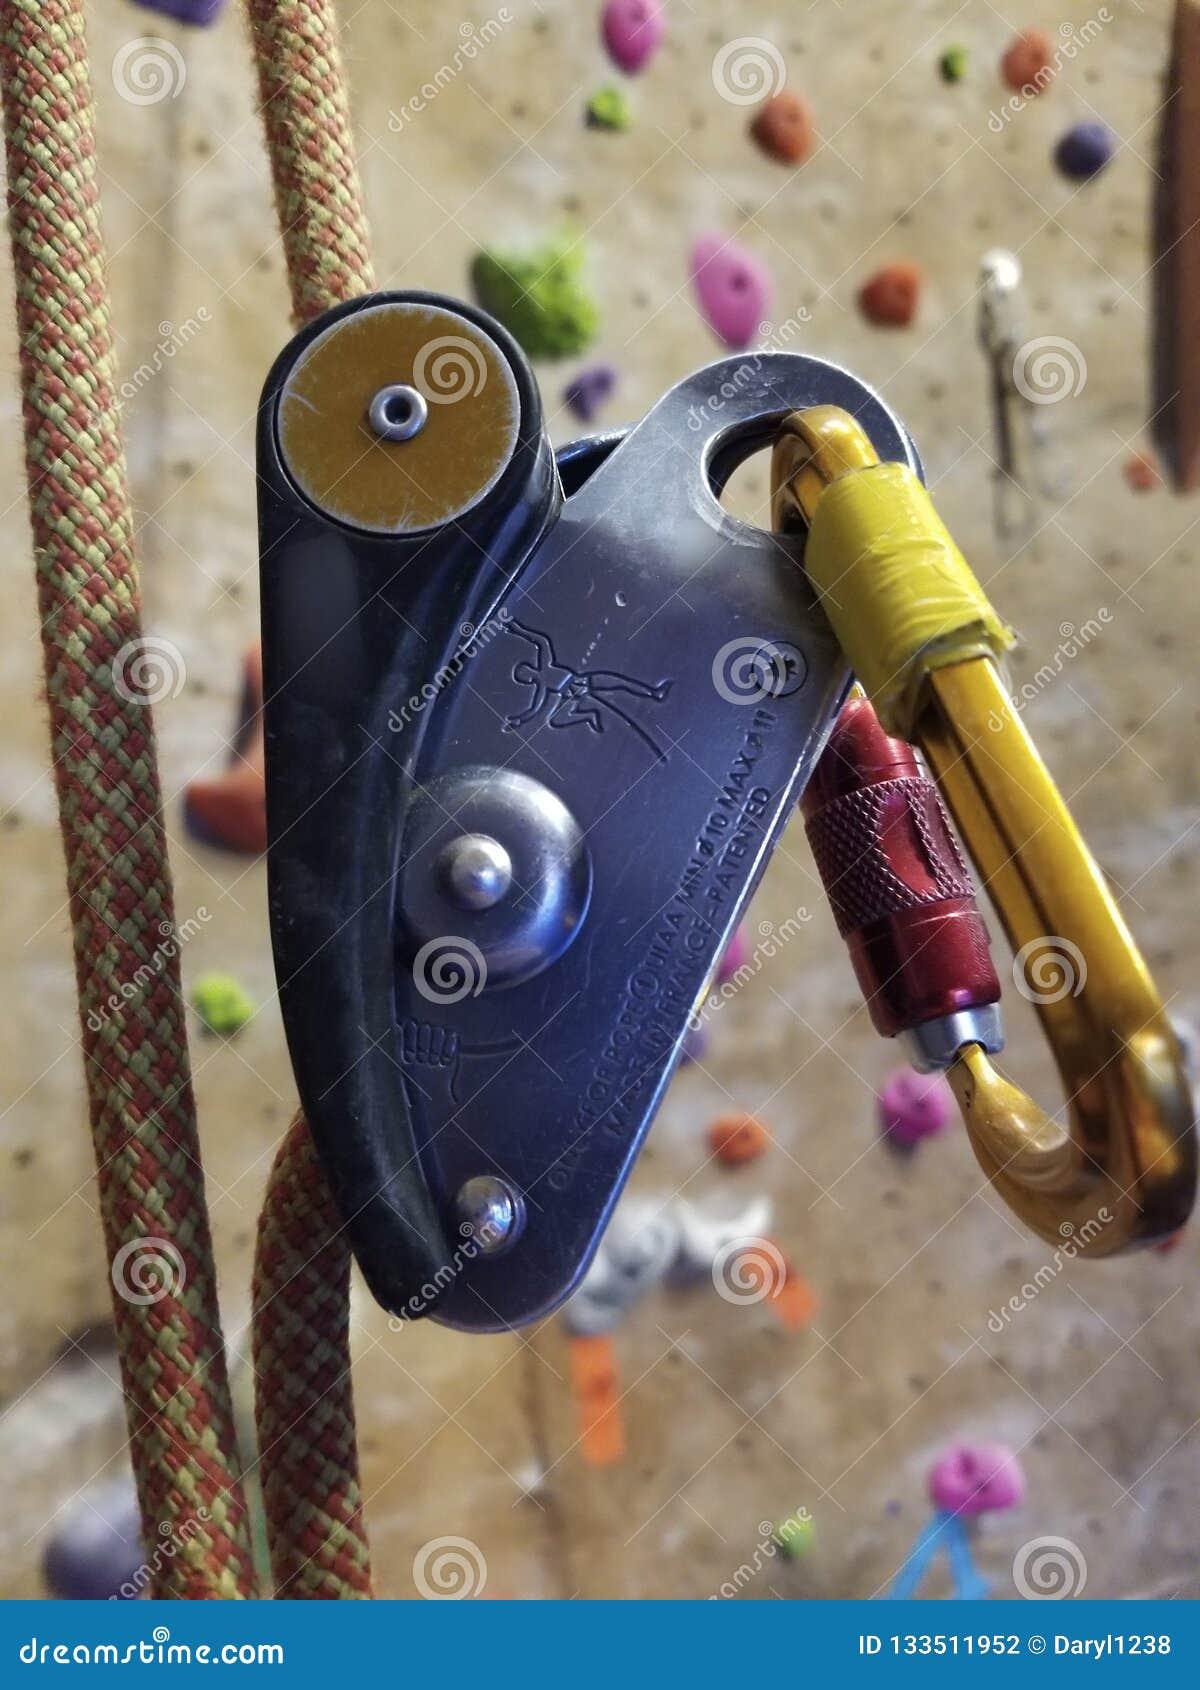 Färgrikt vagga klättra utrustning som hänger vid repet